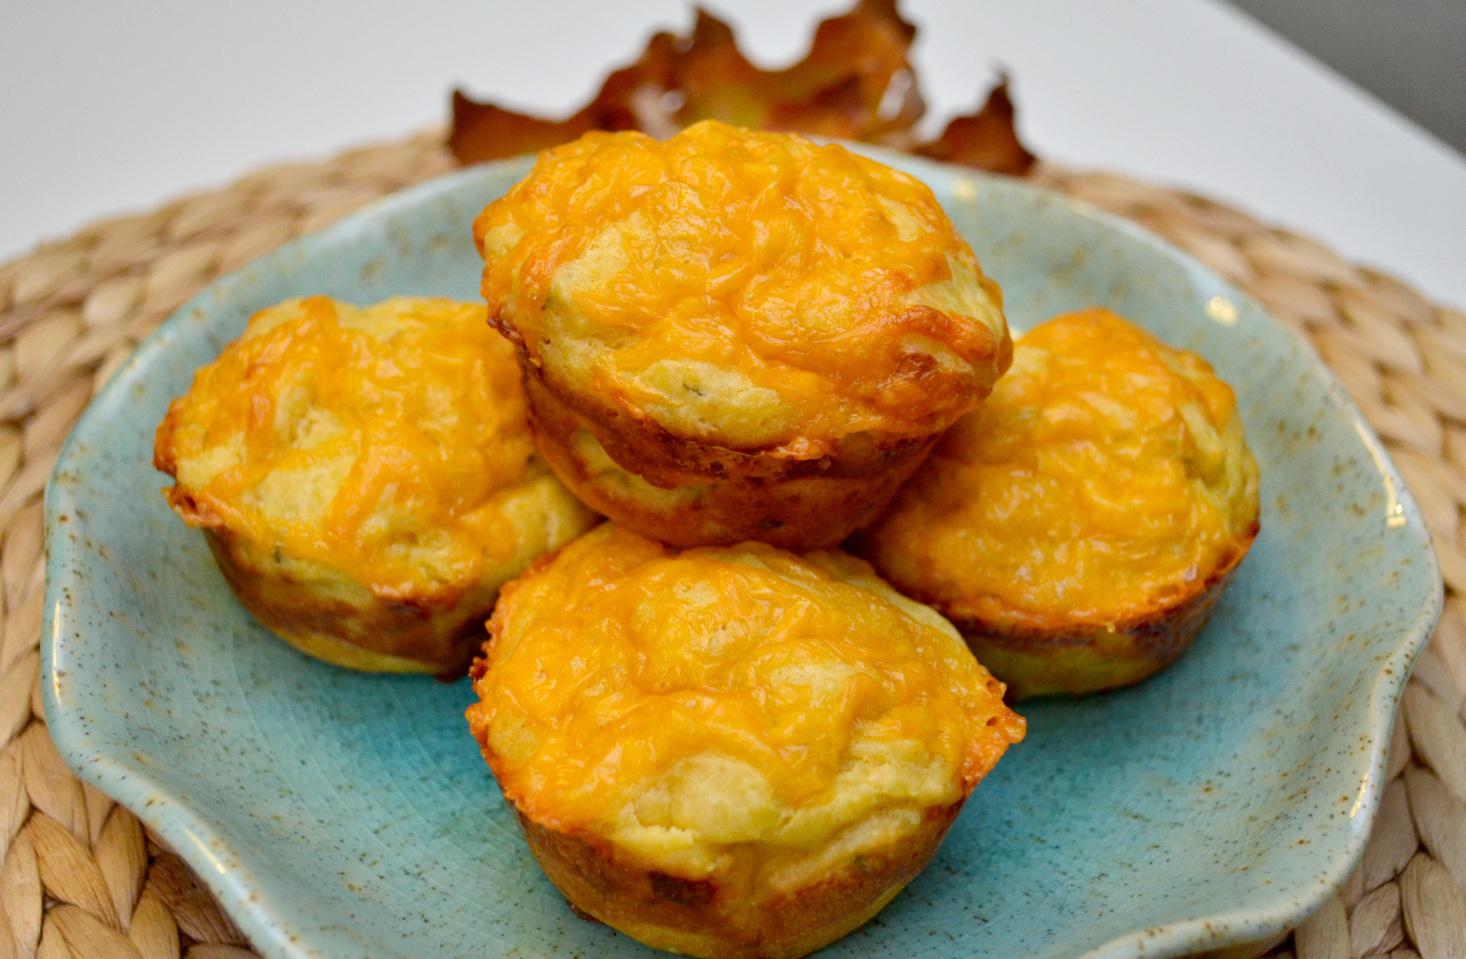 Test Kitchen: Pumpkin Cheddar & Rosemary Muffins